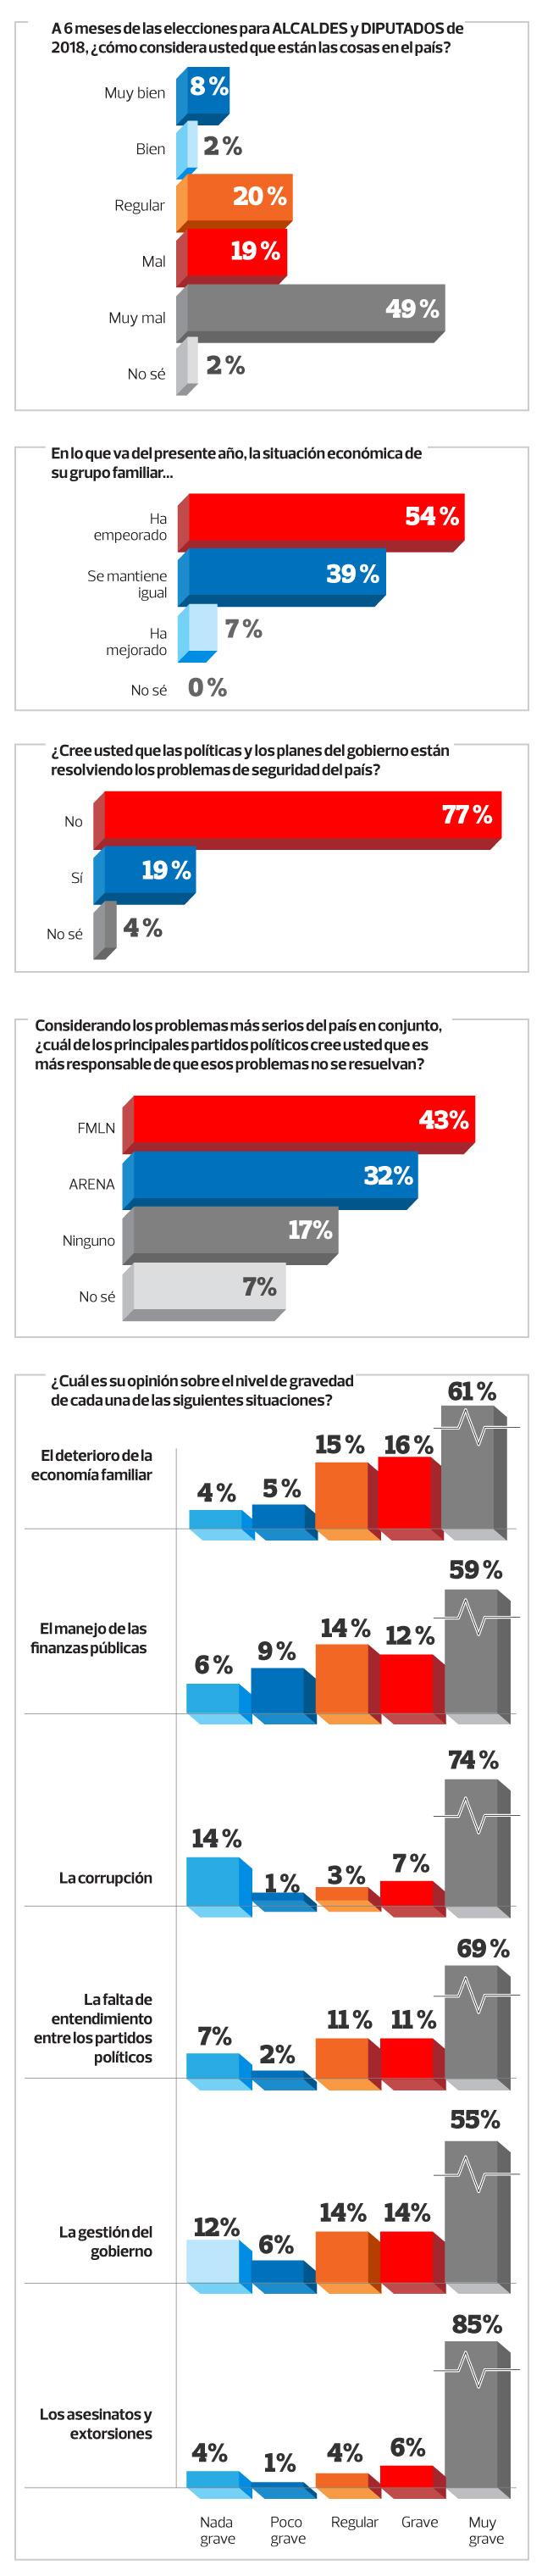 graficos-resultados-encuestas2